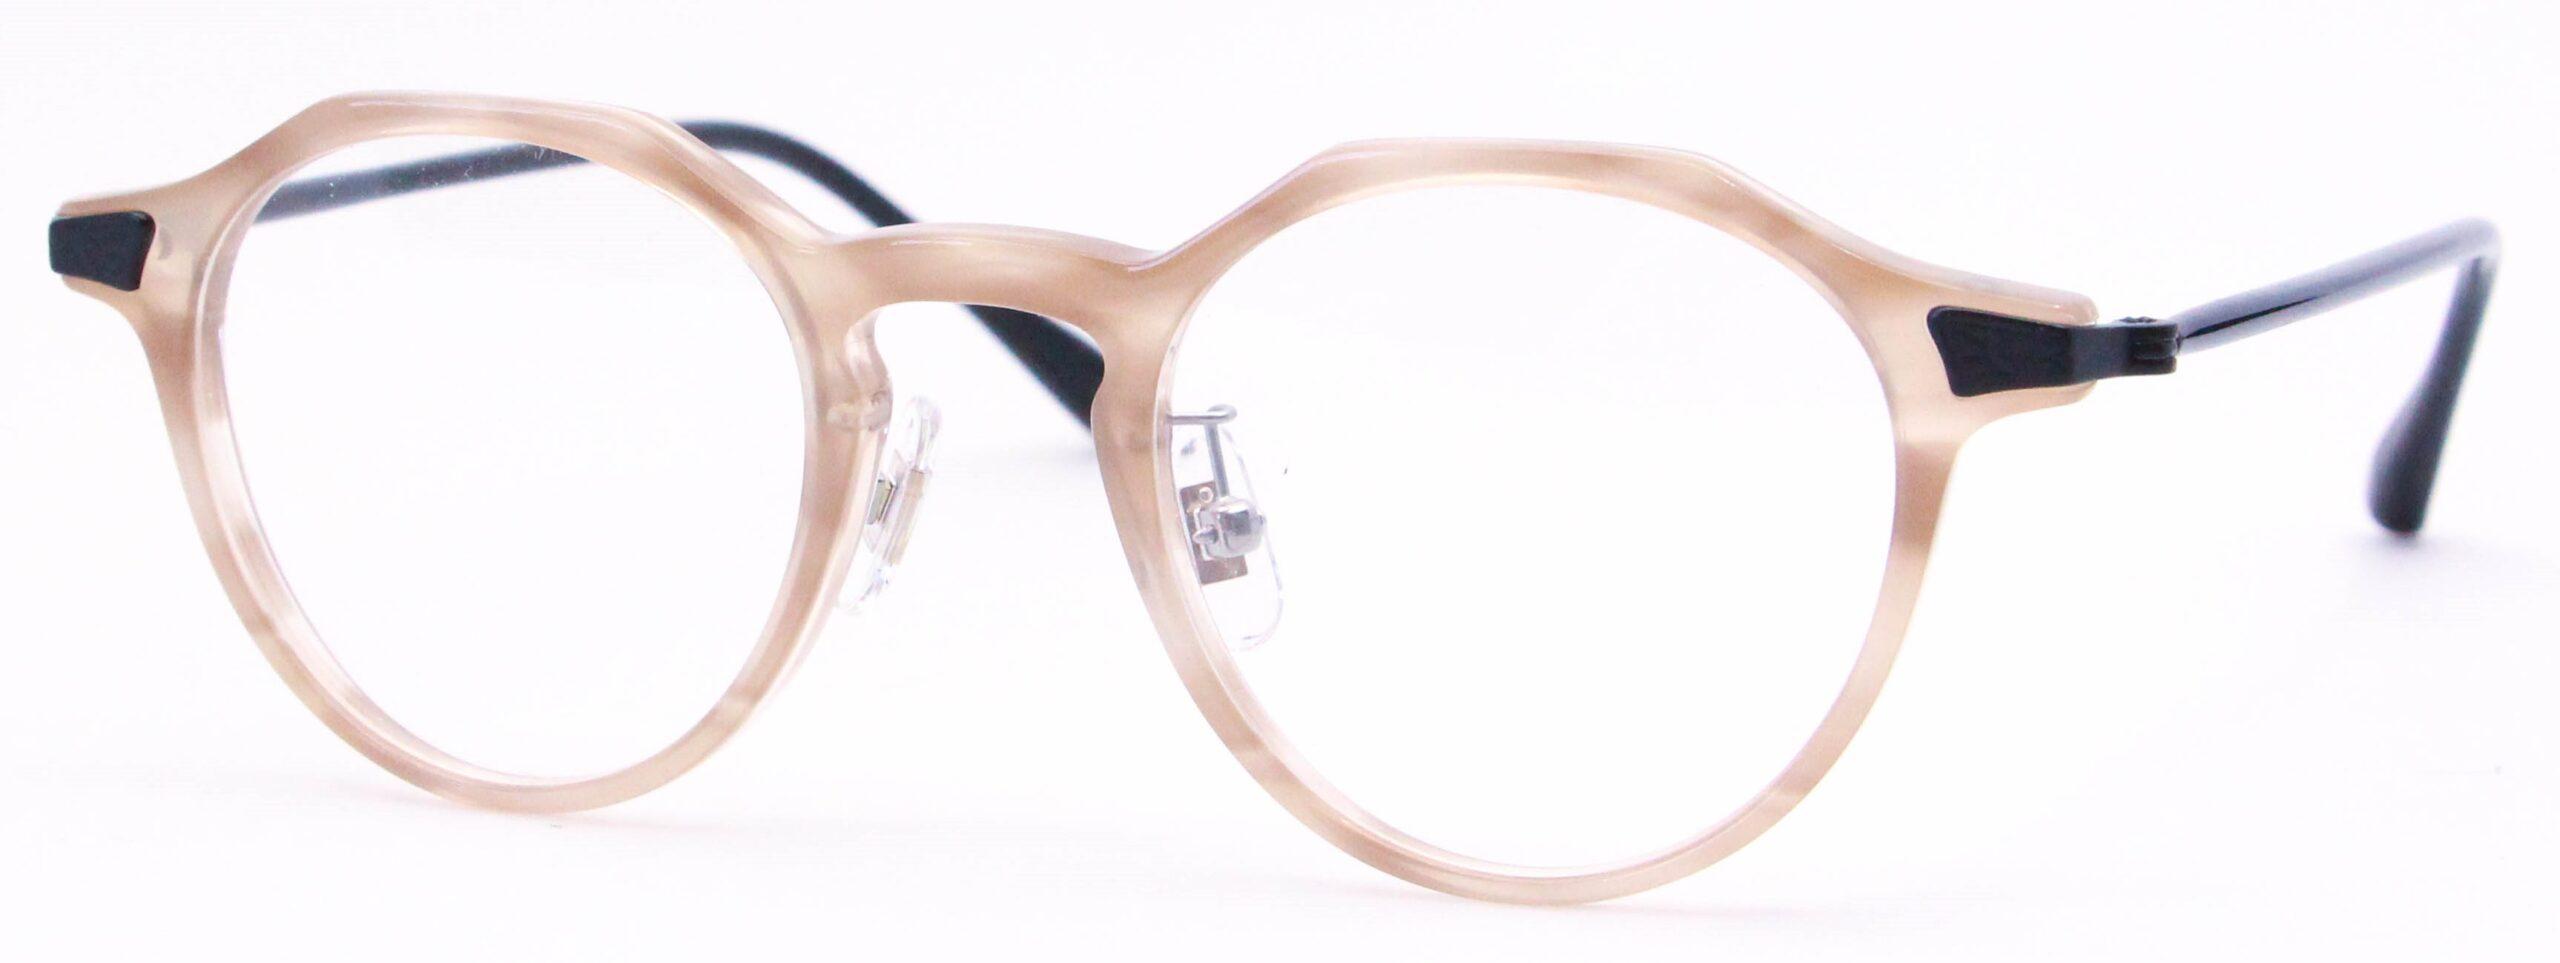 眼鏡のカラータイプC-4 Pink-Sasa/Black